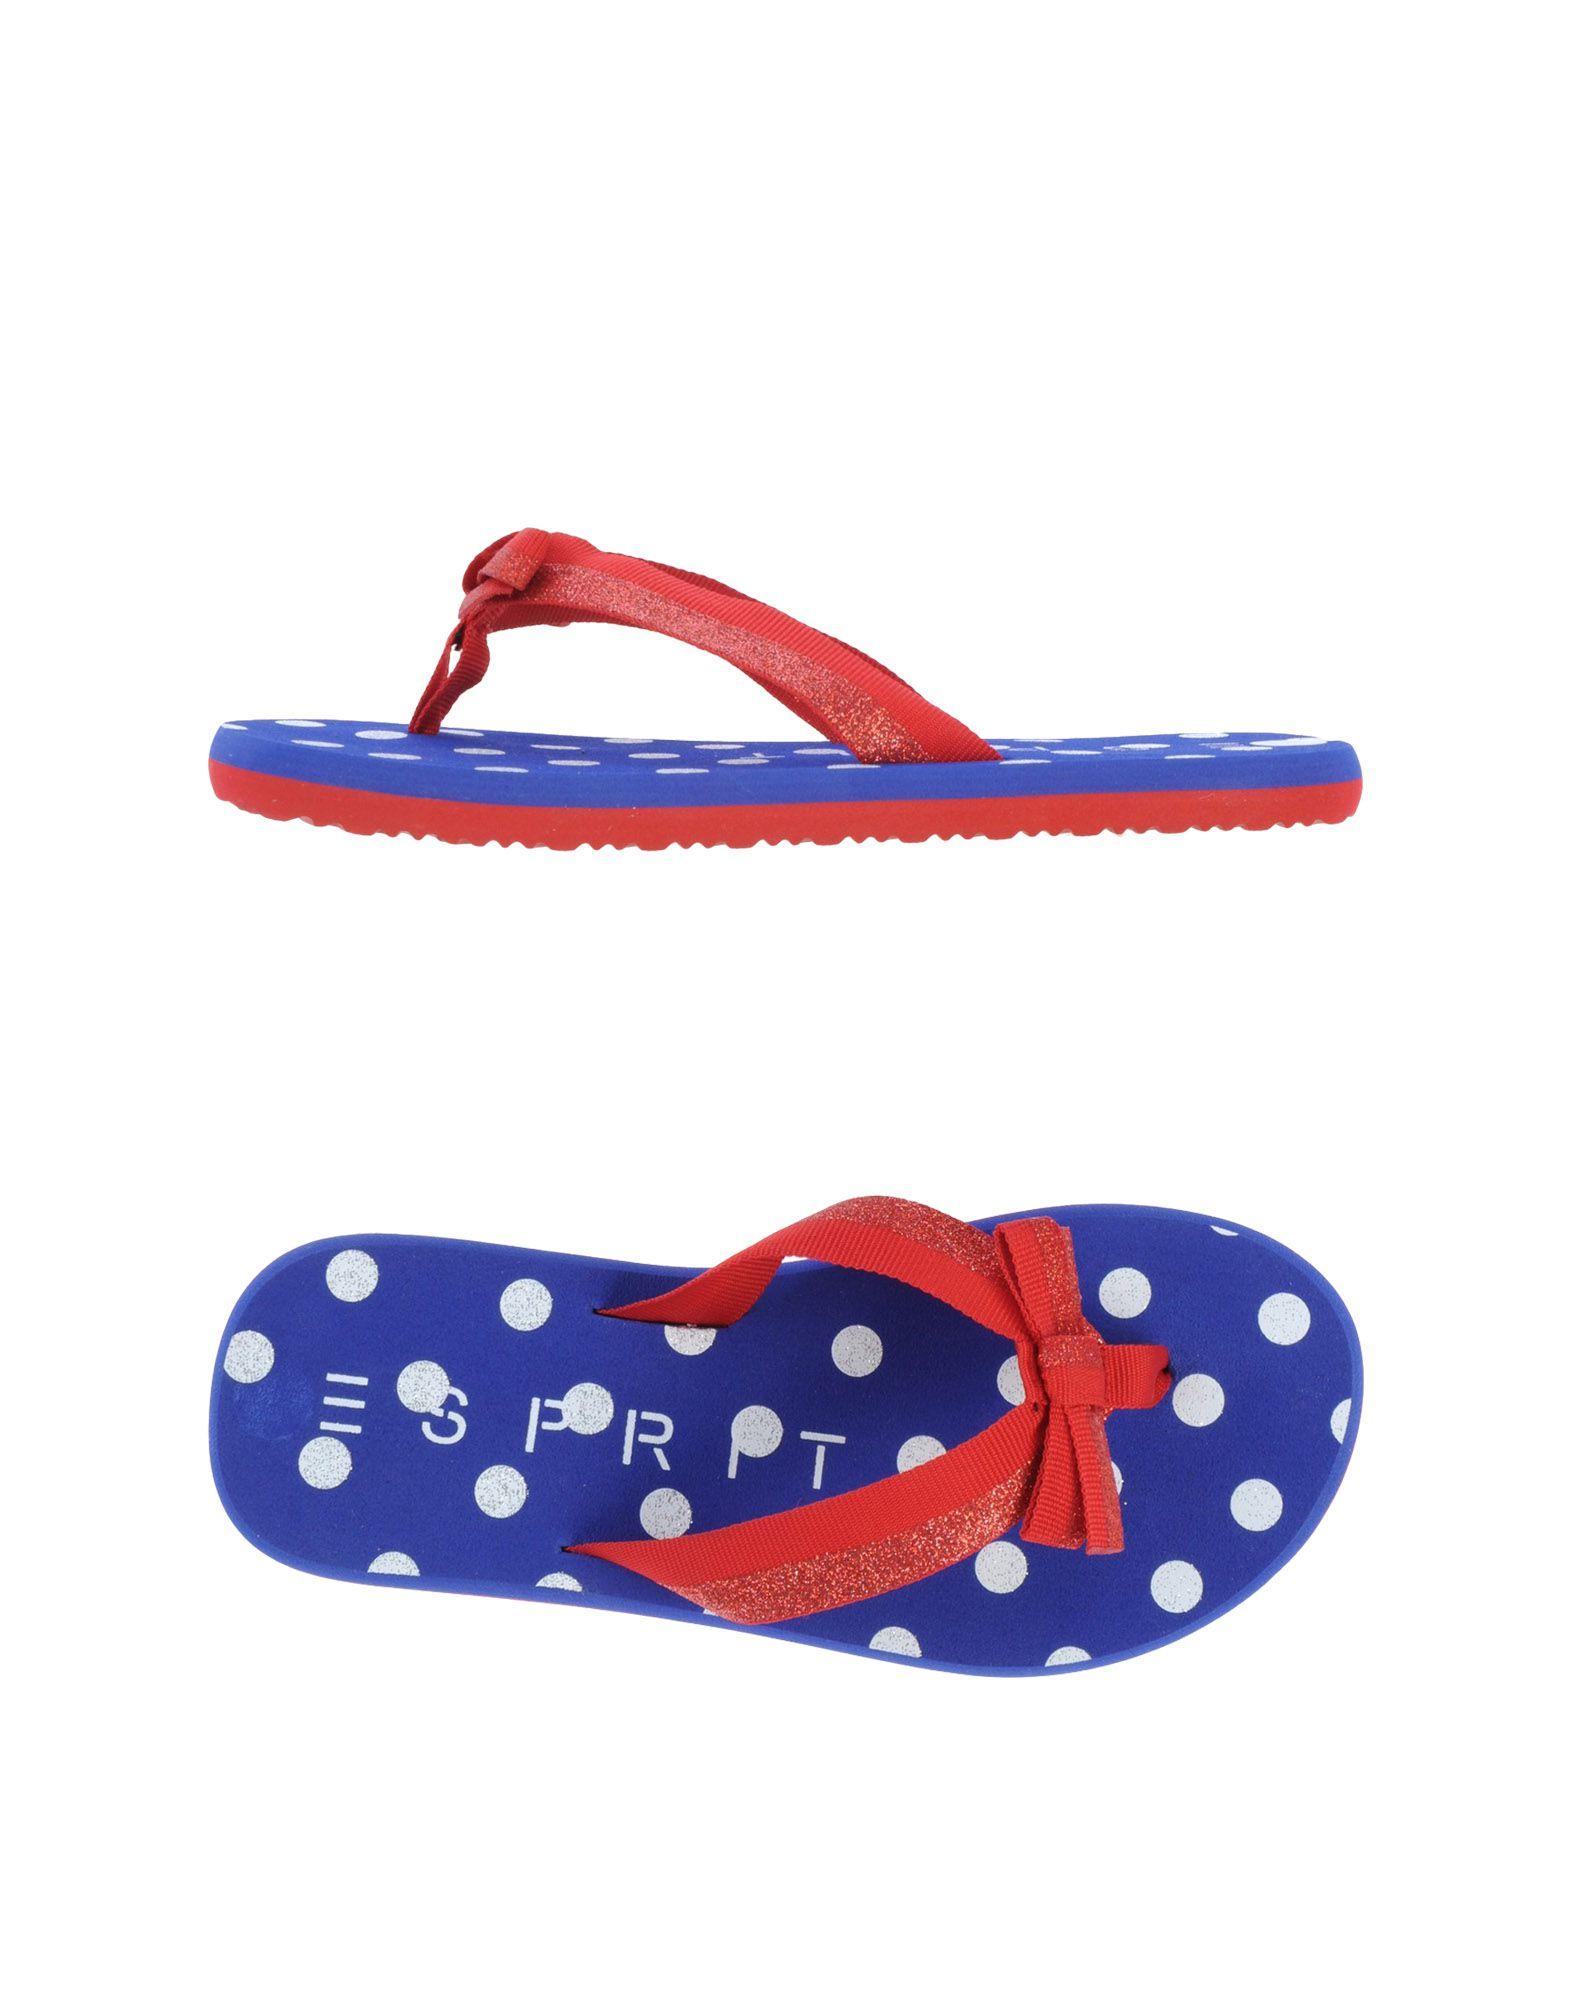 esprit flip flops clog sandals in red lyst. Black Bedroom Furniture Sets. Home Design Ideas